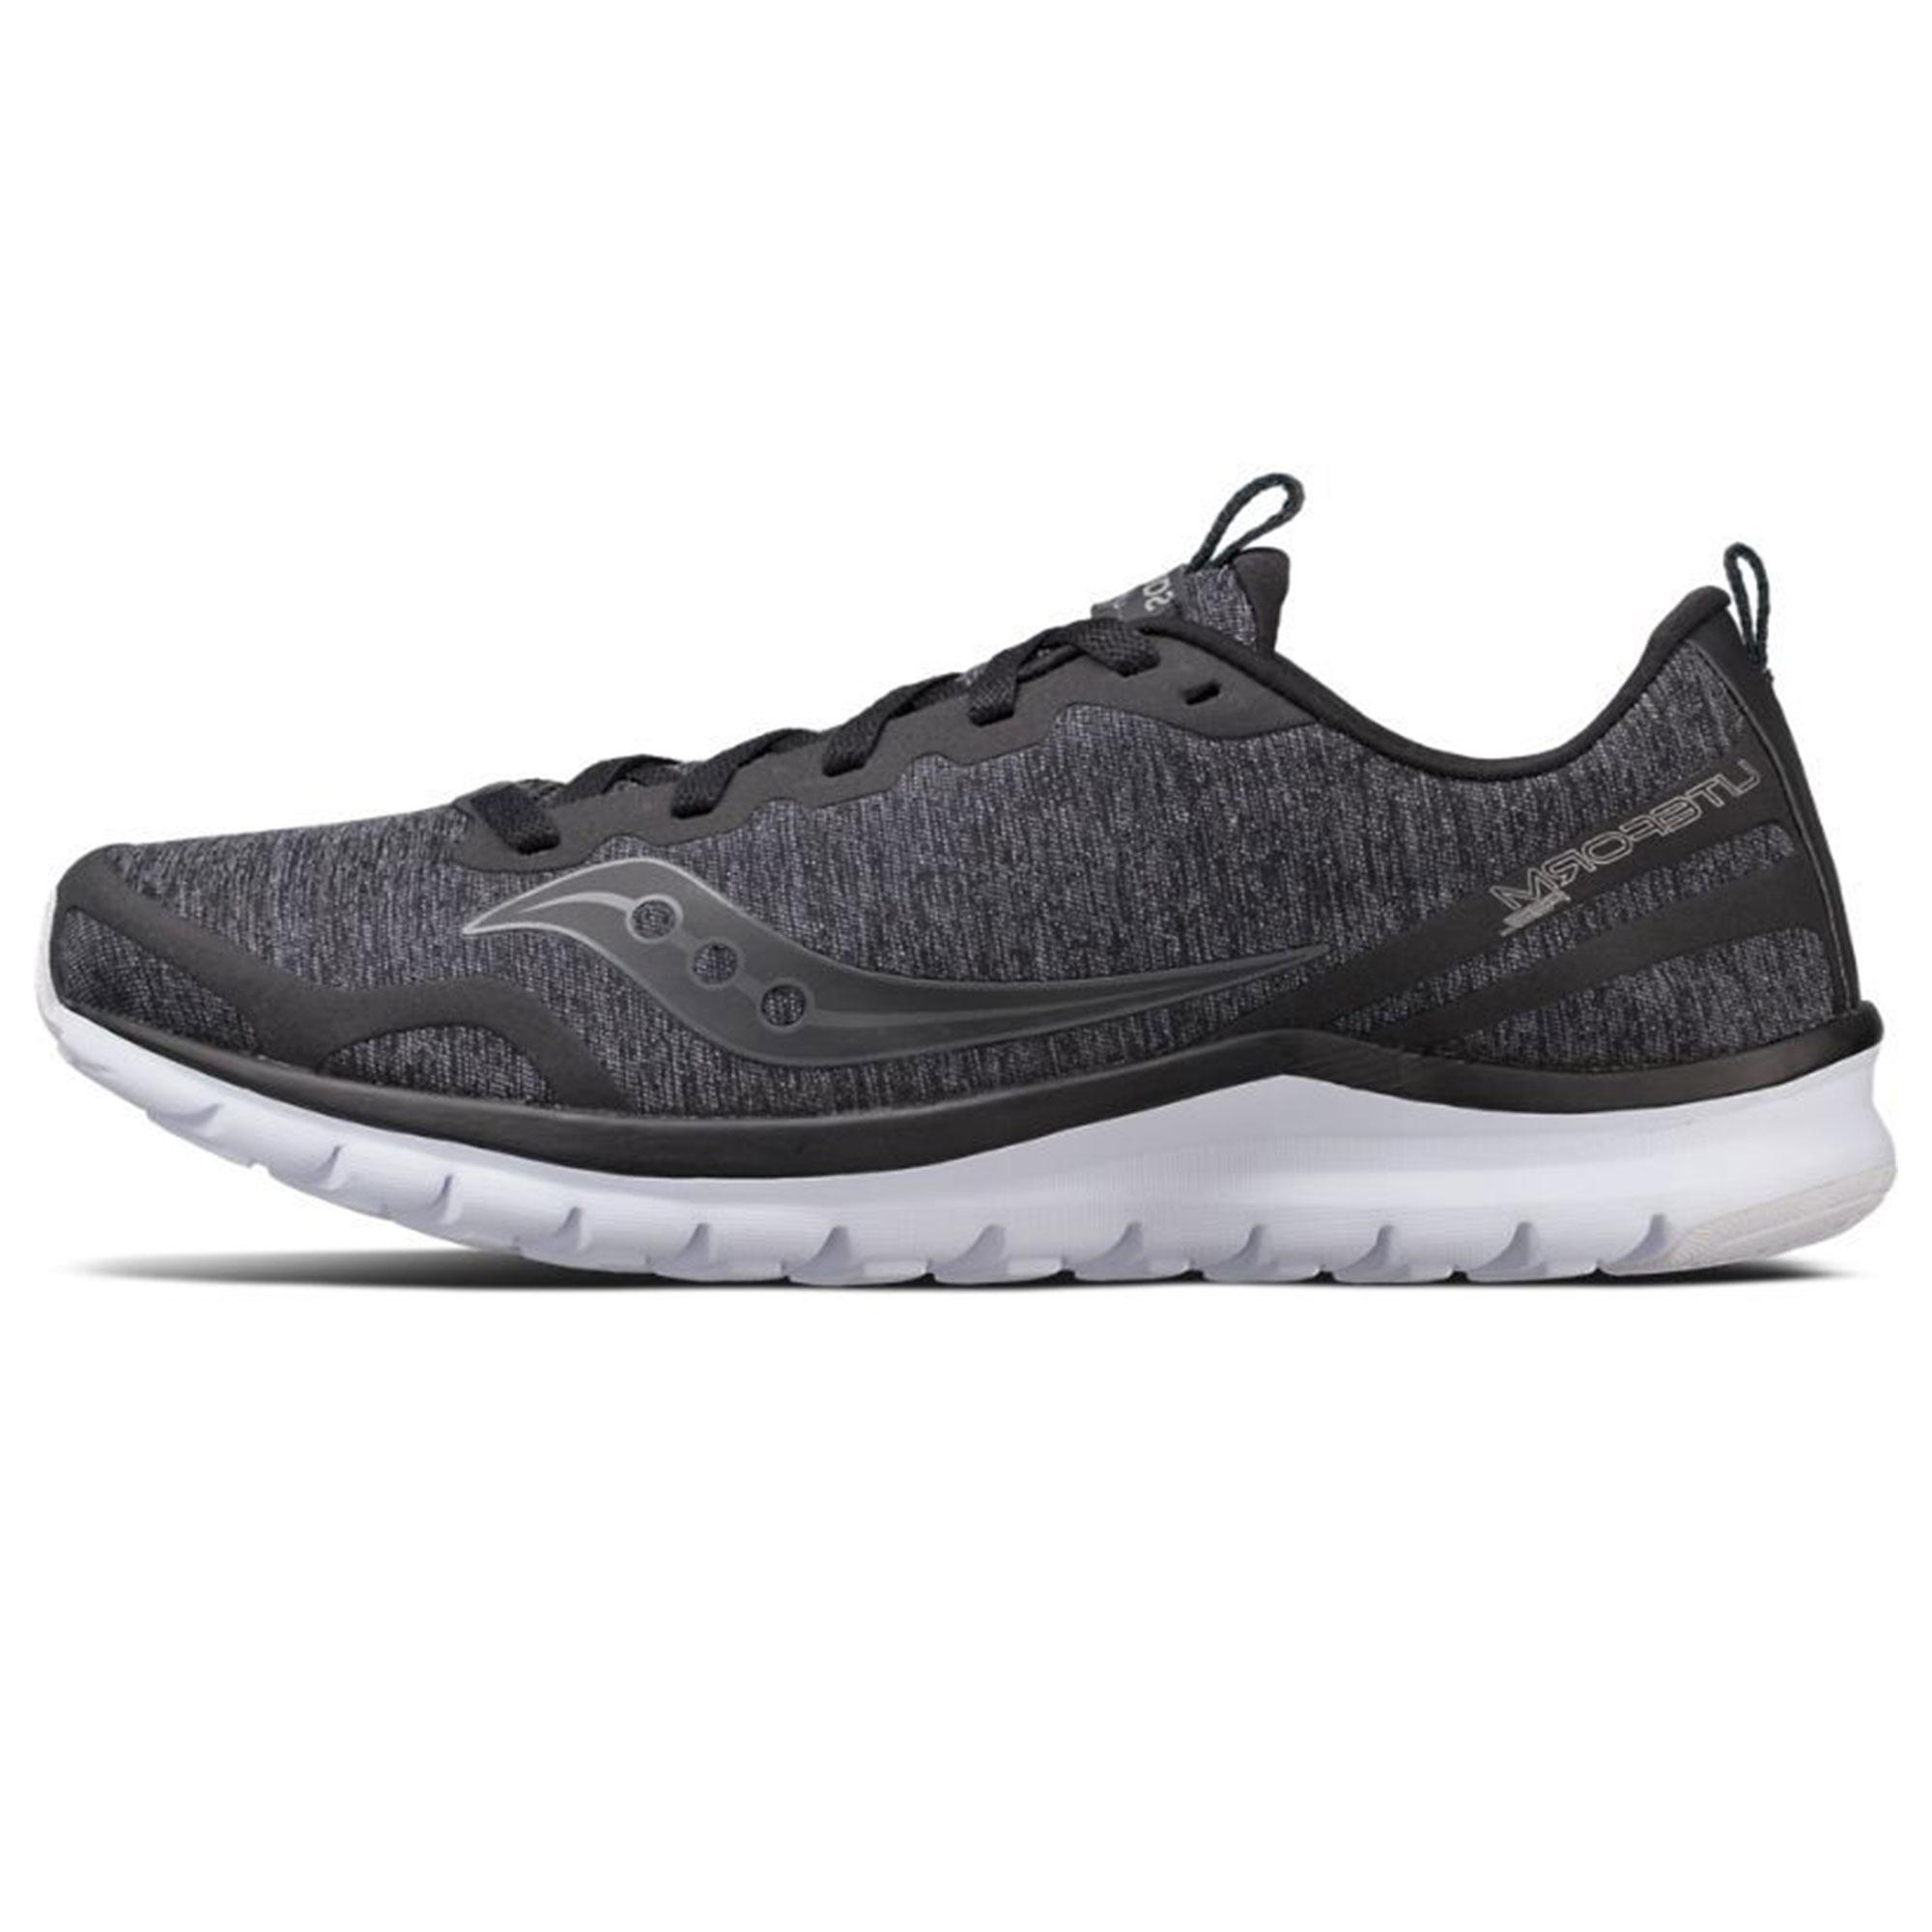 قیمت کفش مخصوص پیاده روی مردانه ساکنی مدل Liteform Feel